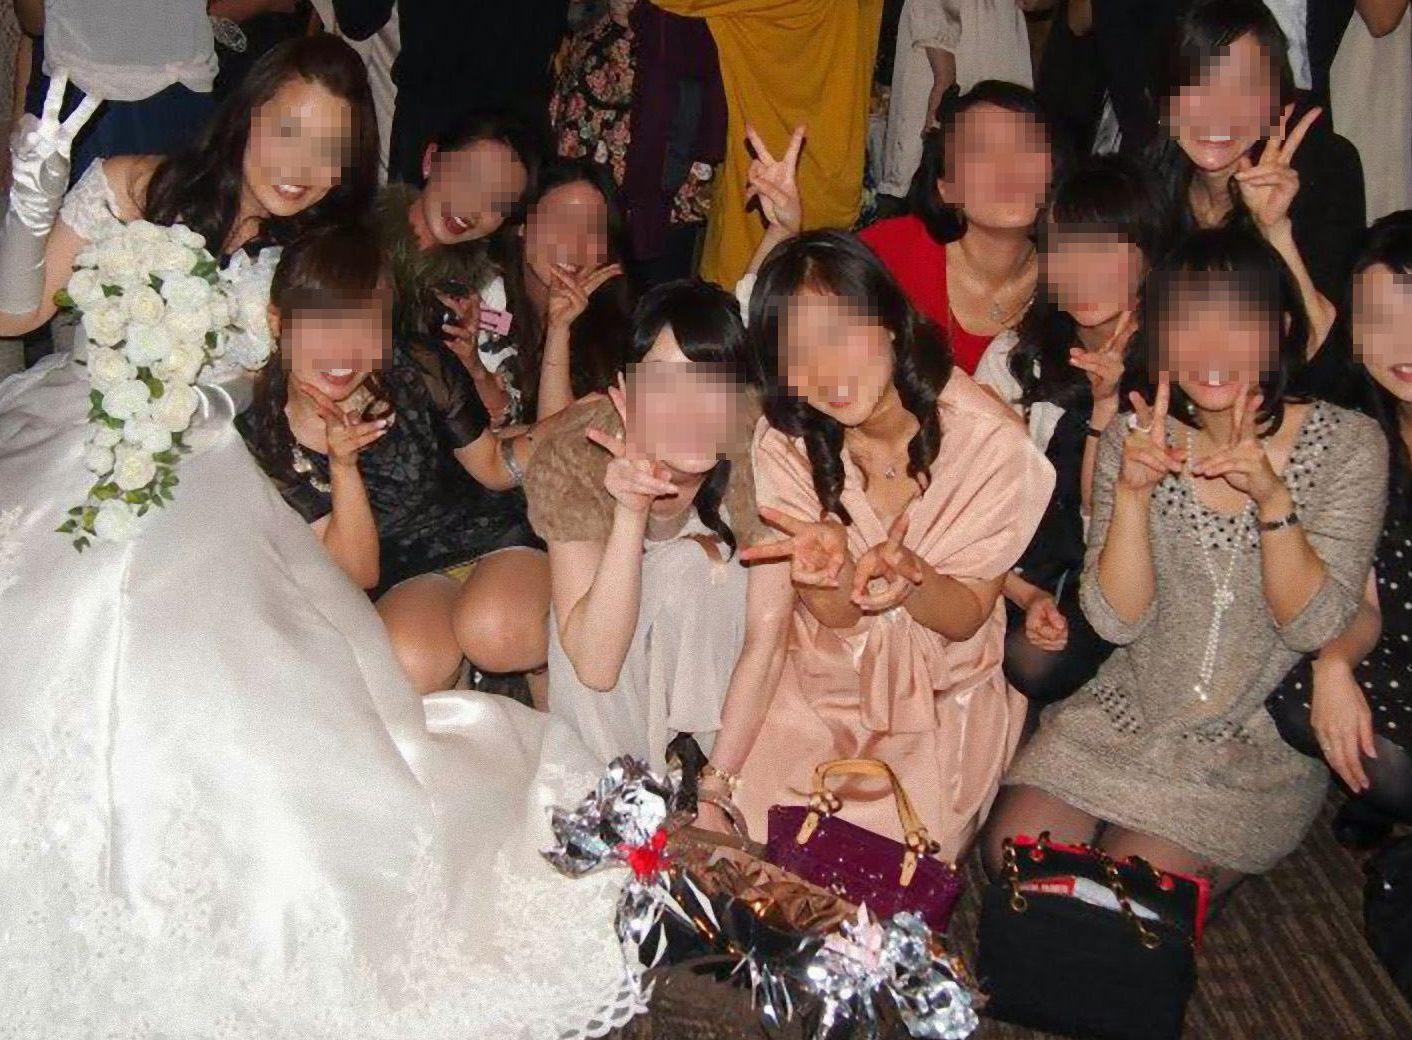 アダルト画像3次元 - これぞ生涯記憶に残るパーティー♪ドレスアップした御姉さんの胯間に注目される集合モロパン★★★